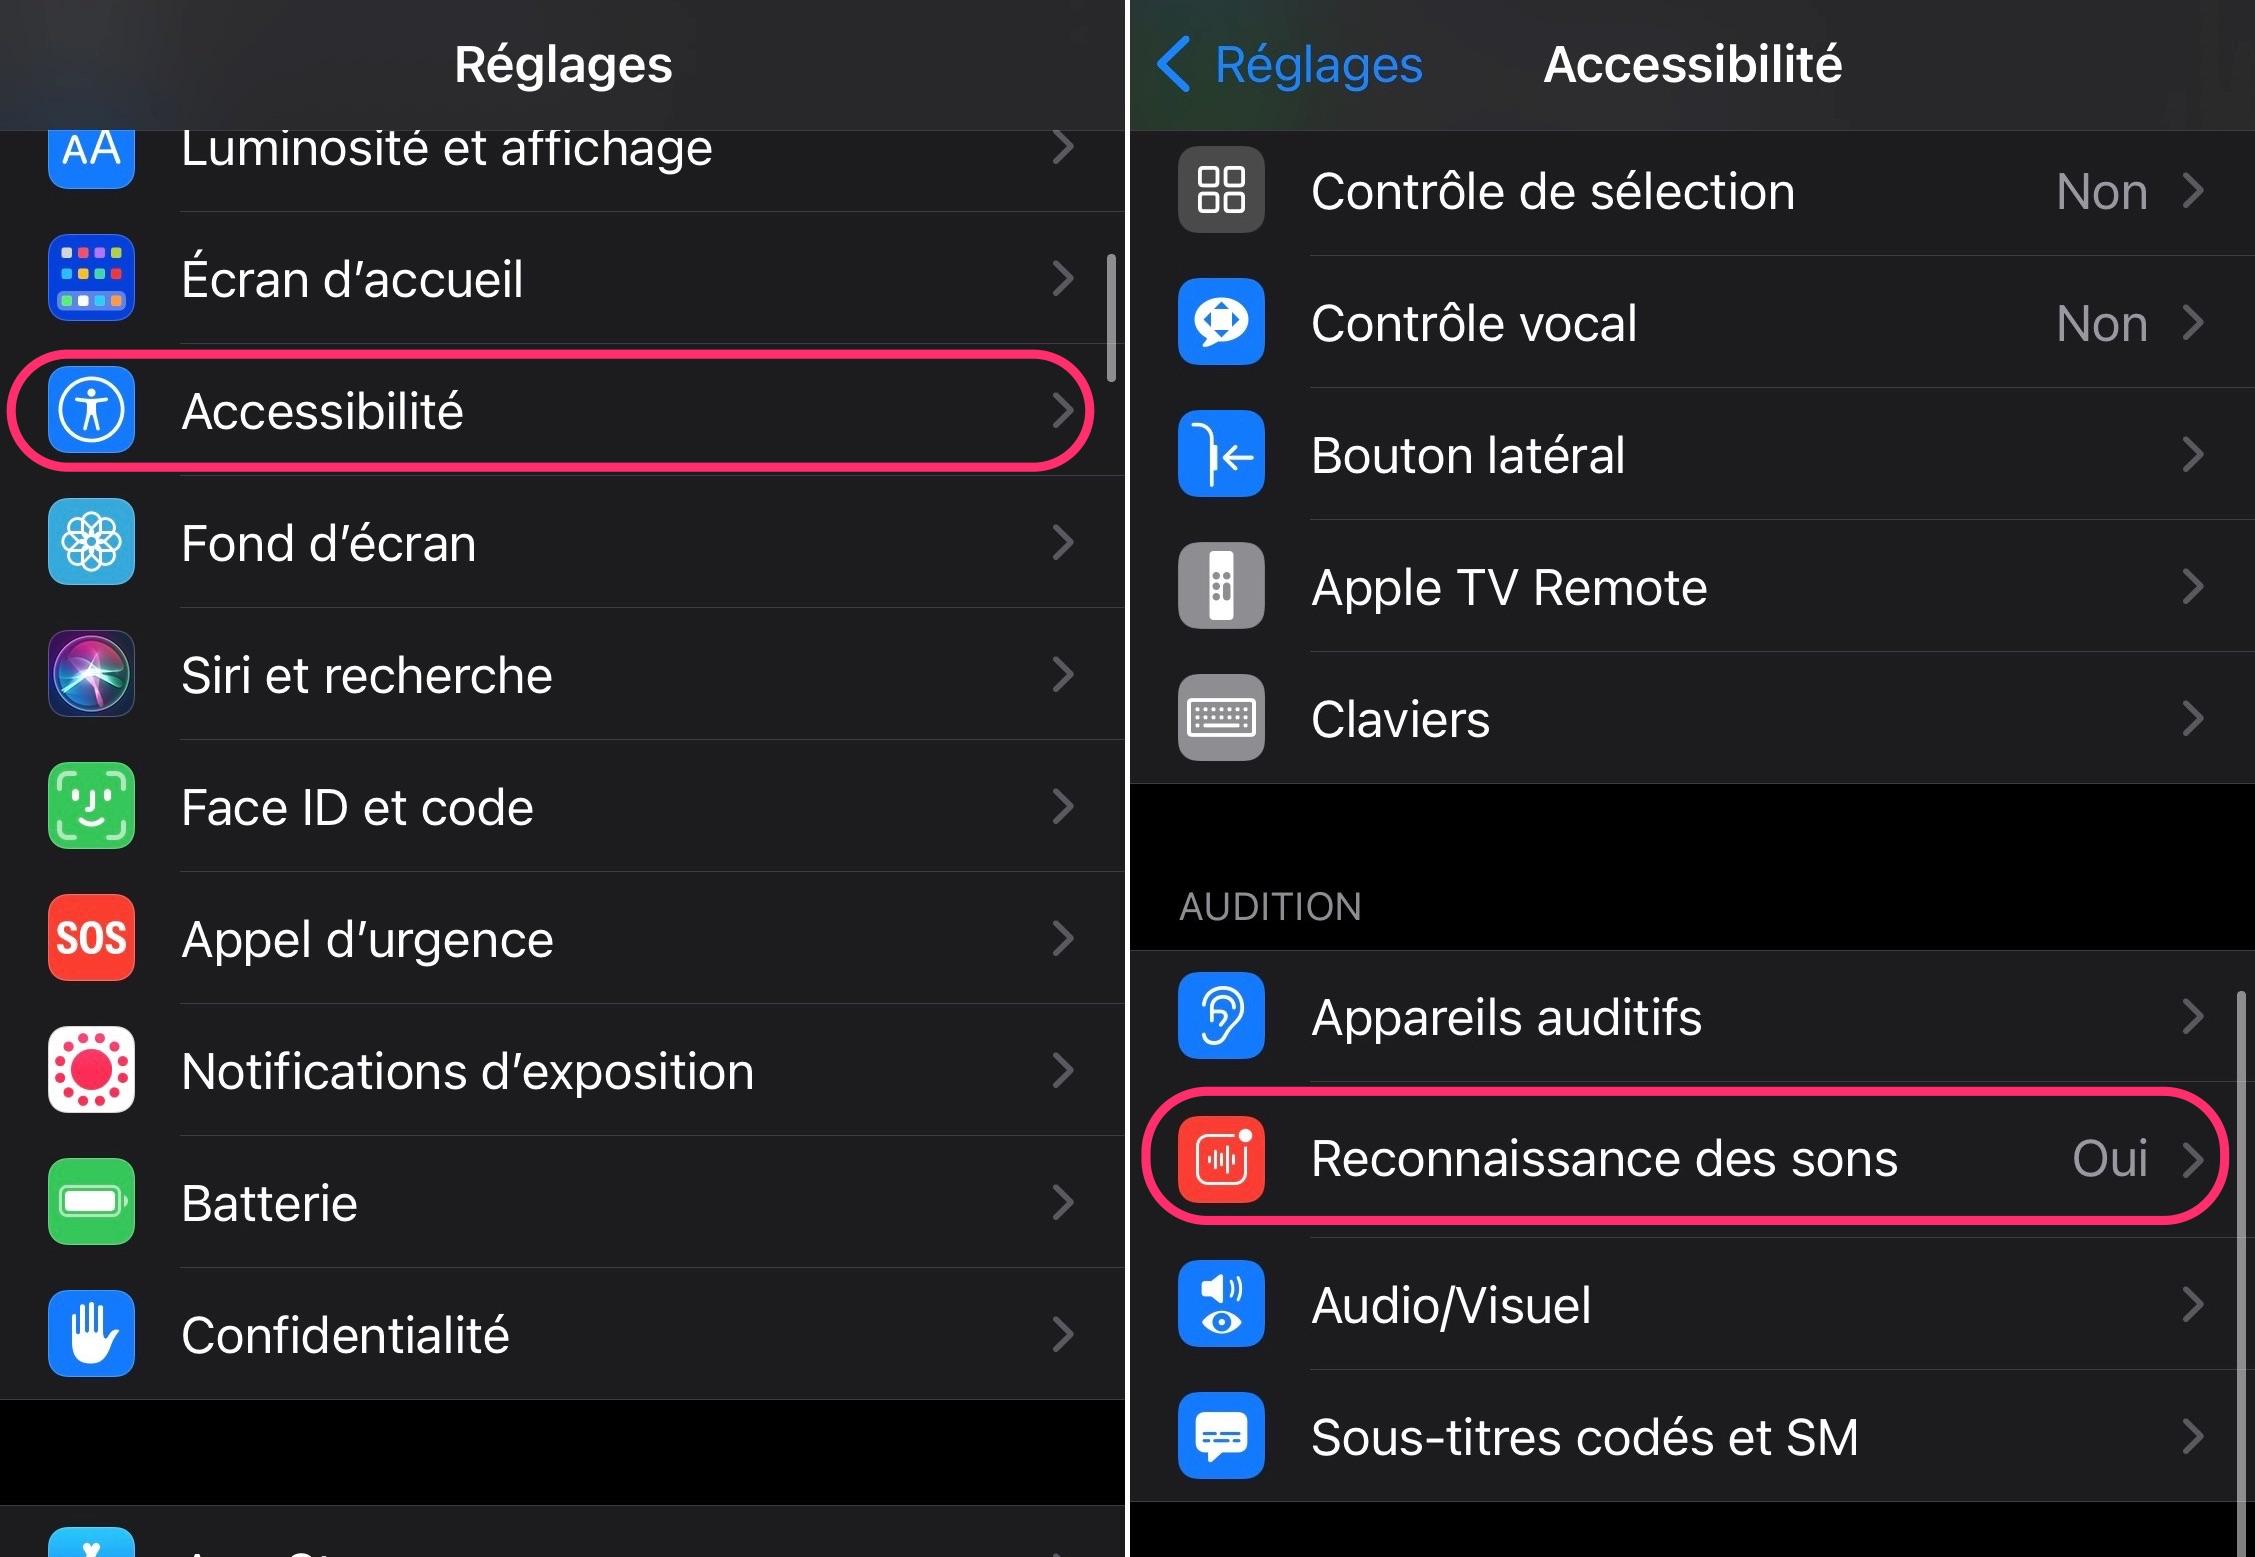 Accessibilité et reconnaissance des sons iOS 14